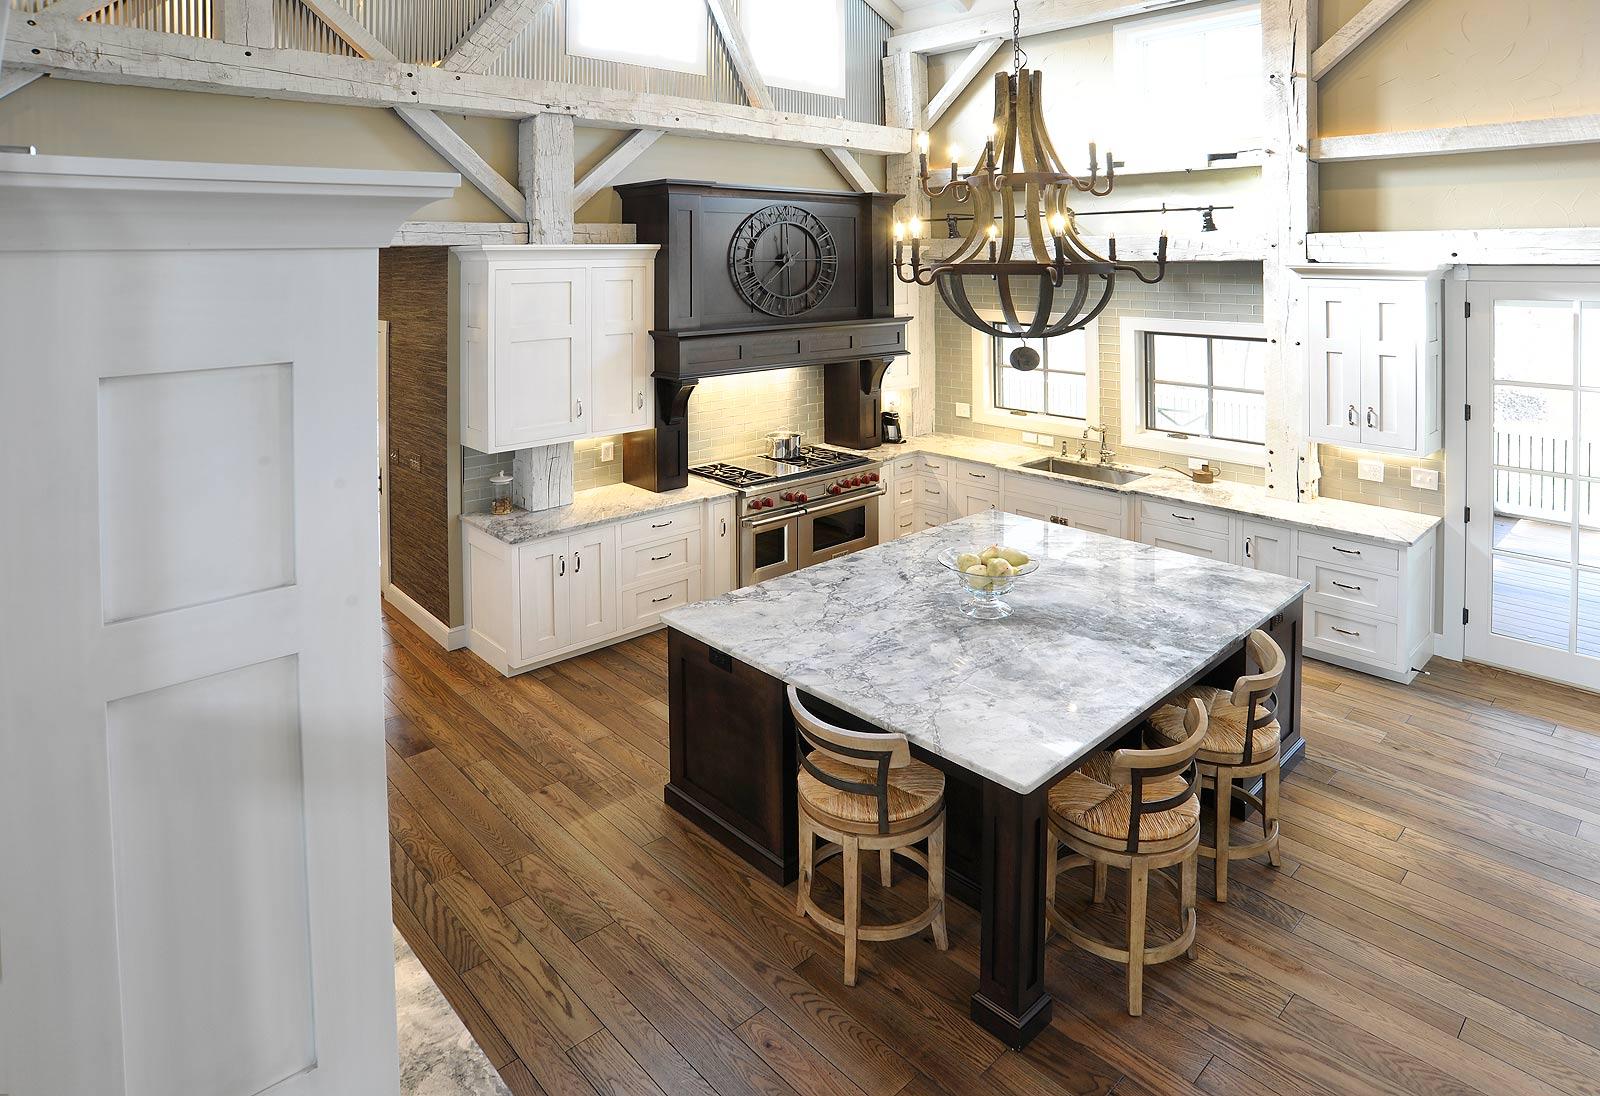 barn house kitchen 3 basin sink mullet cabinet  rebuilt timber frame home